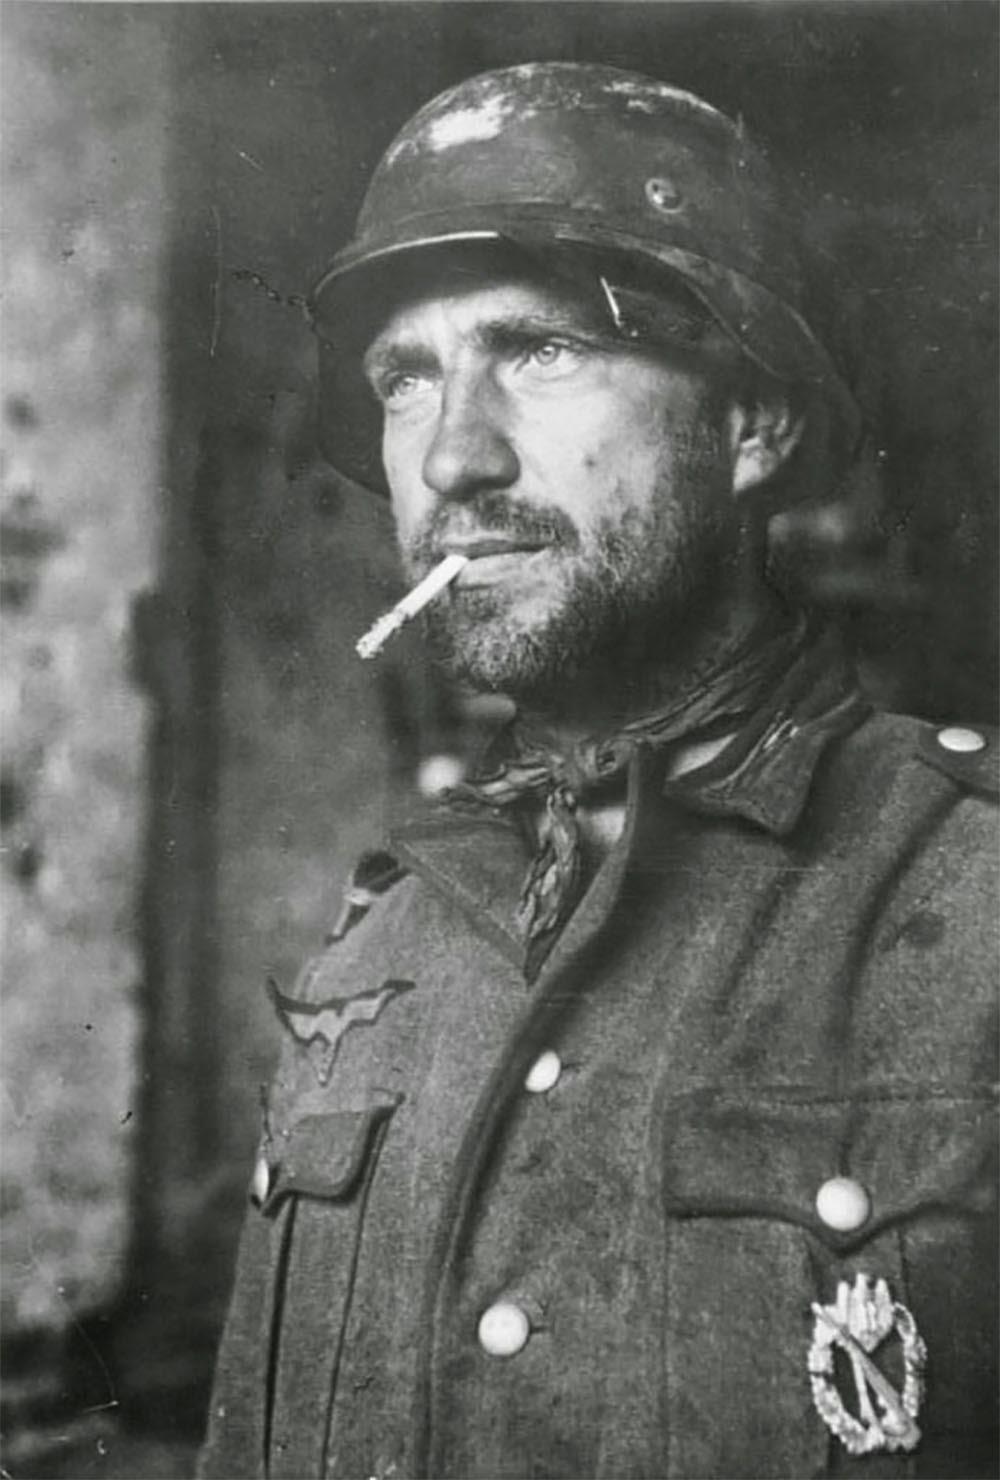 Un soldado alemán con una insignia en el pecho en Stalingrado, 1942